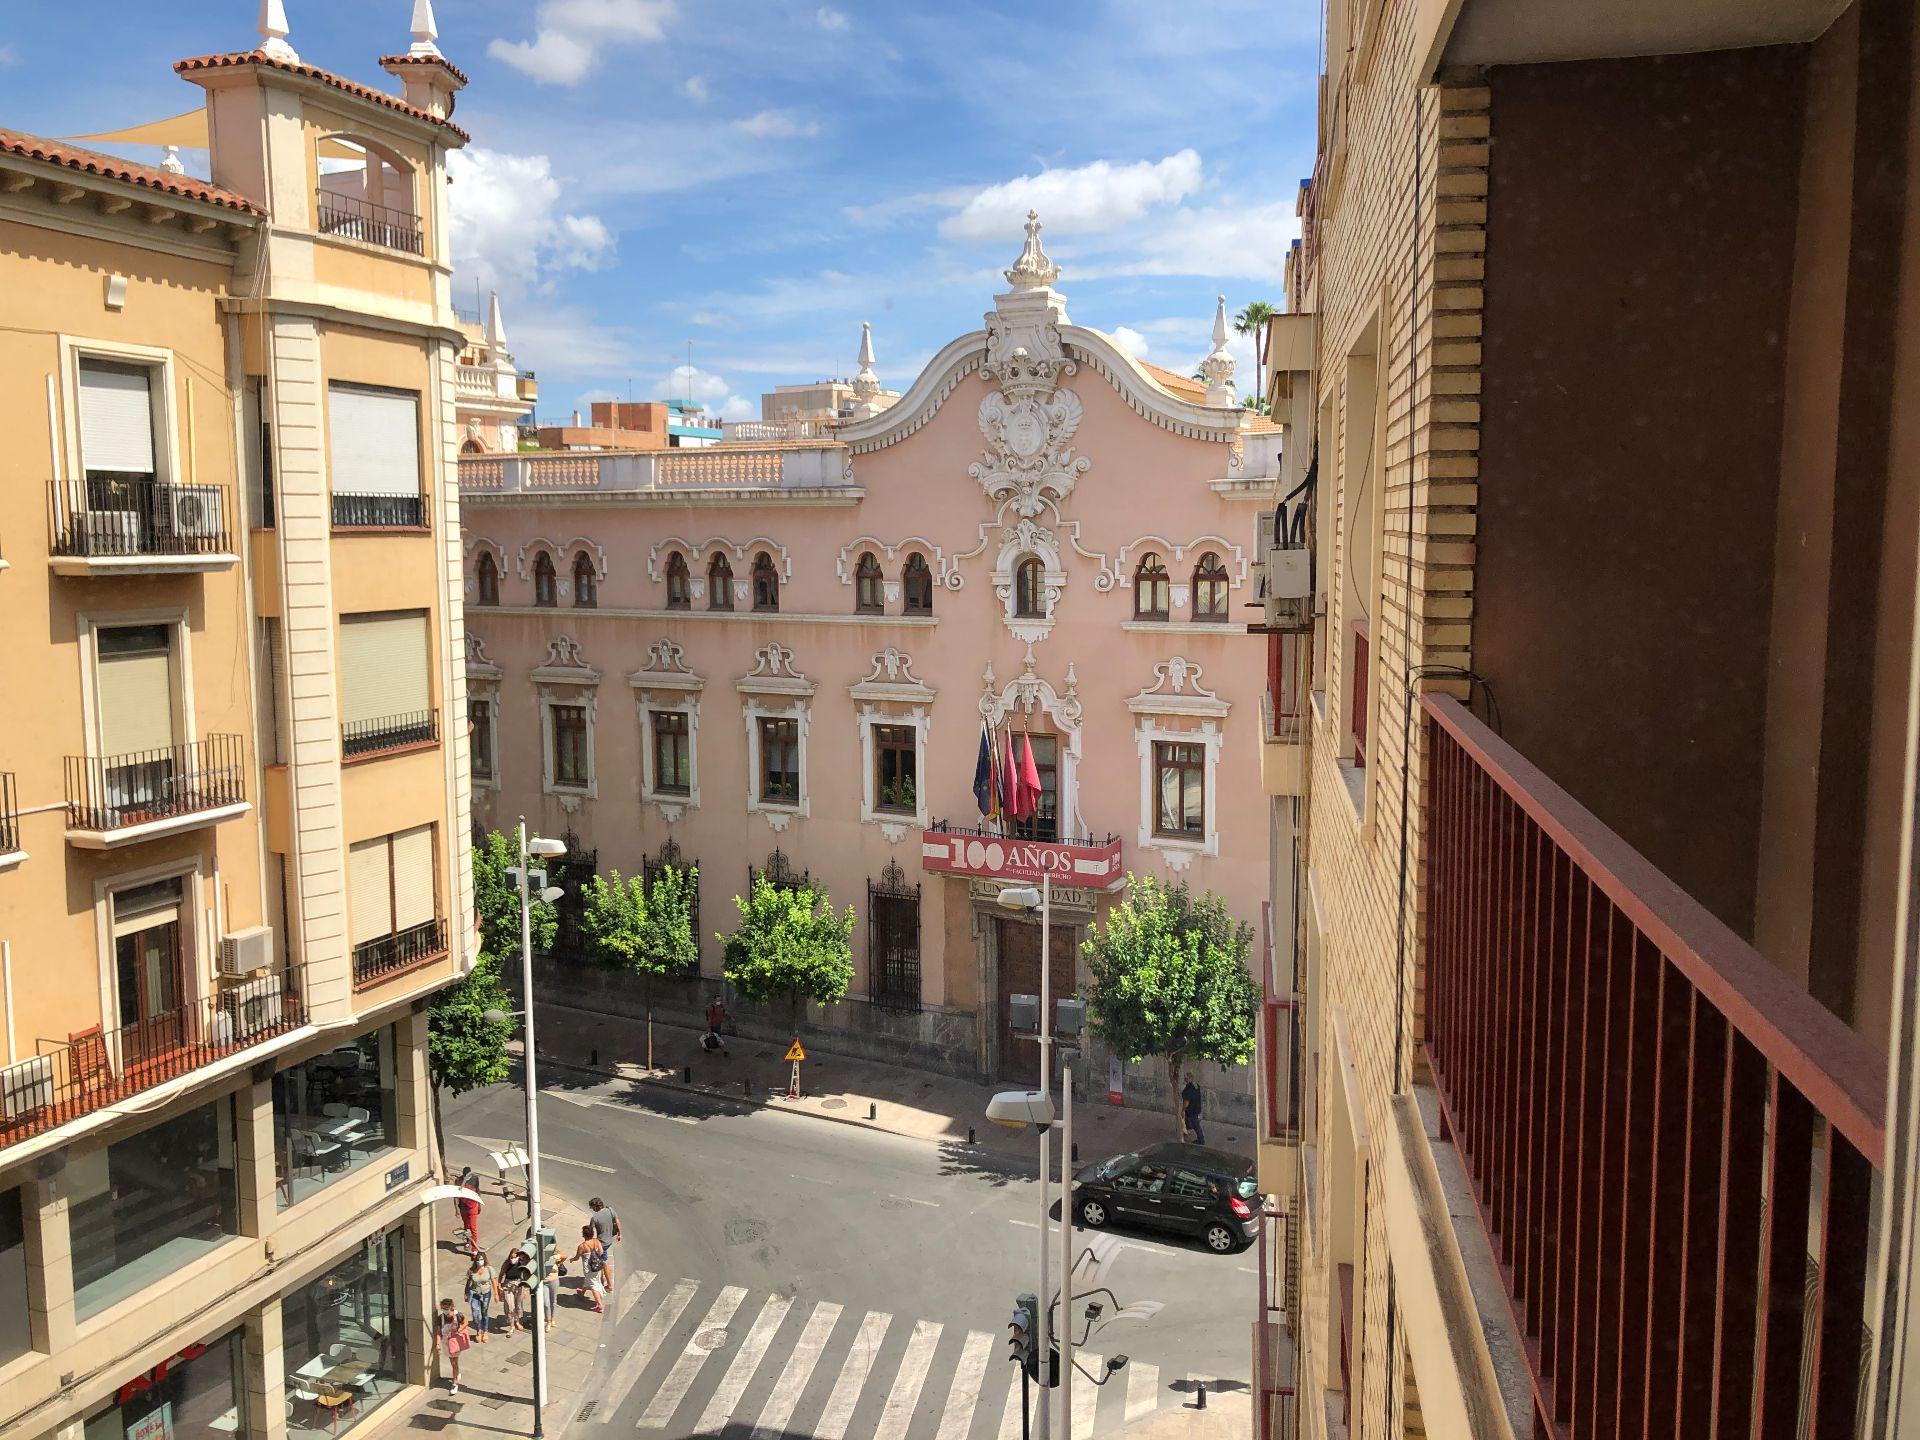 Piso en Murcia, CENTRO - UNIVERSIDAD, alquiler